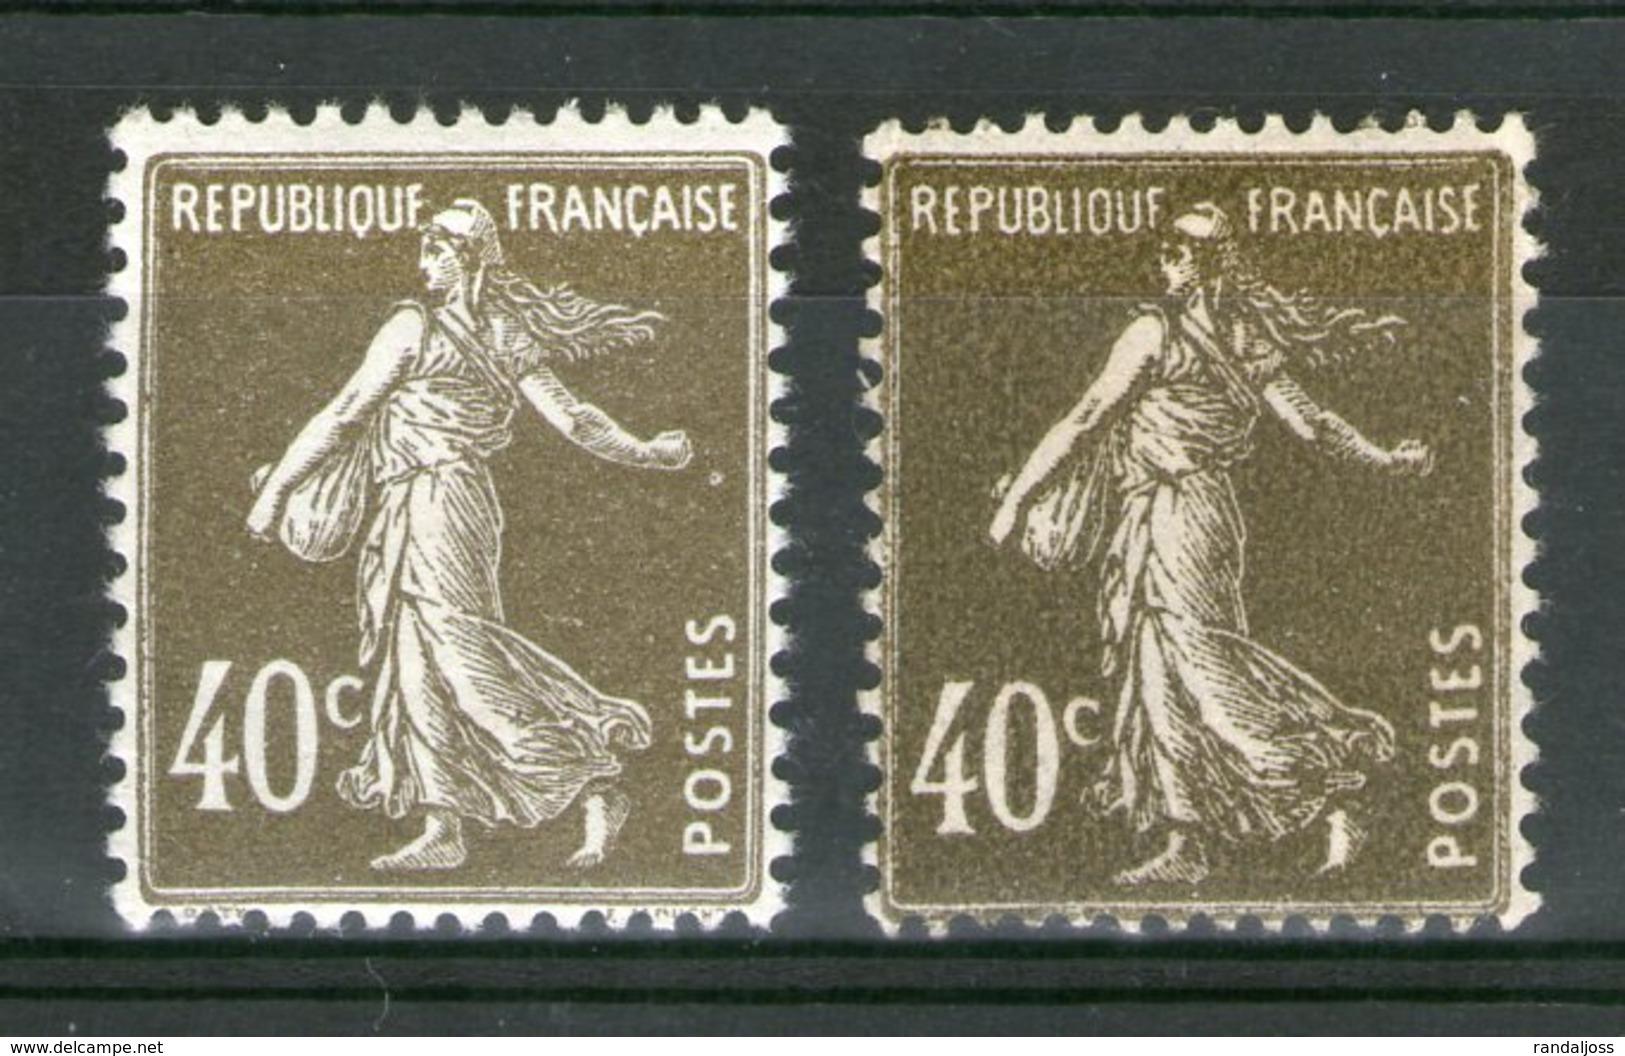 N° 193*_Types I Et II_2 Nuances_2 Papiers - 1906-38 Semeuse Camée